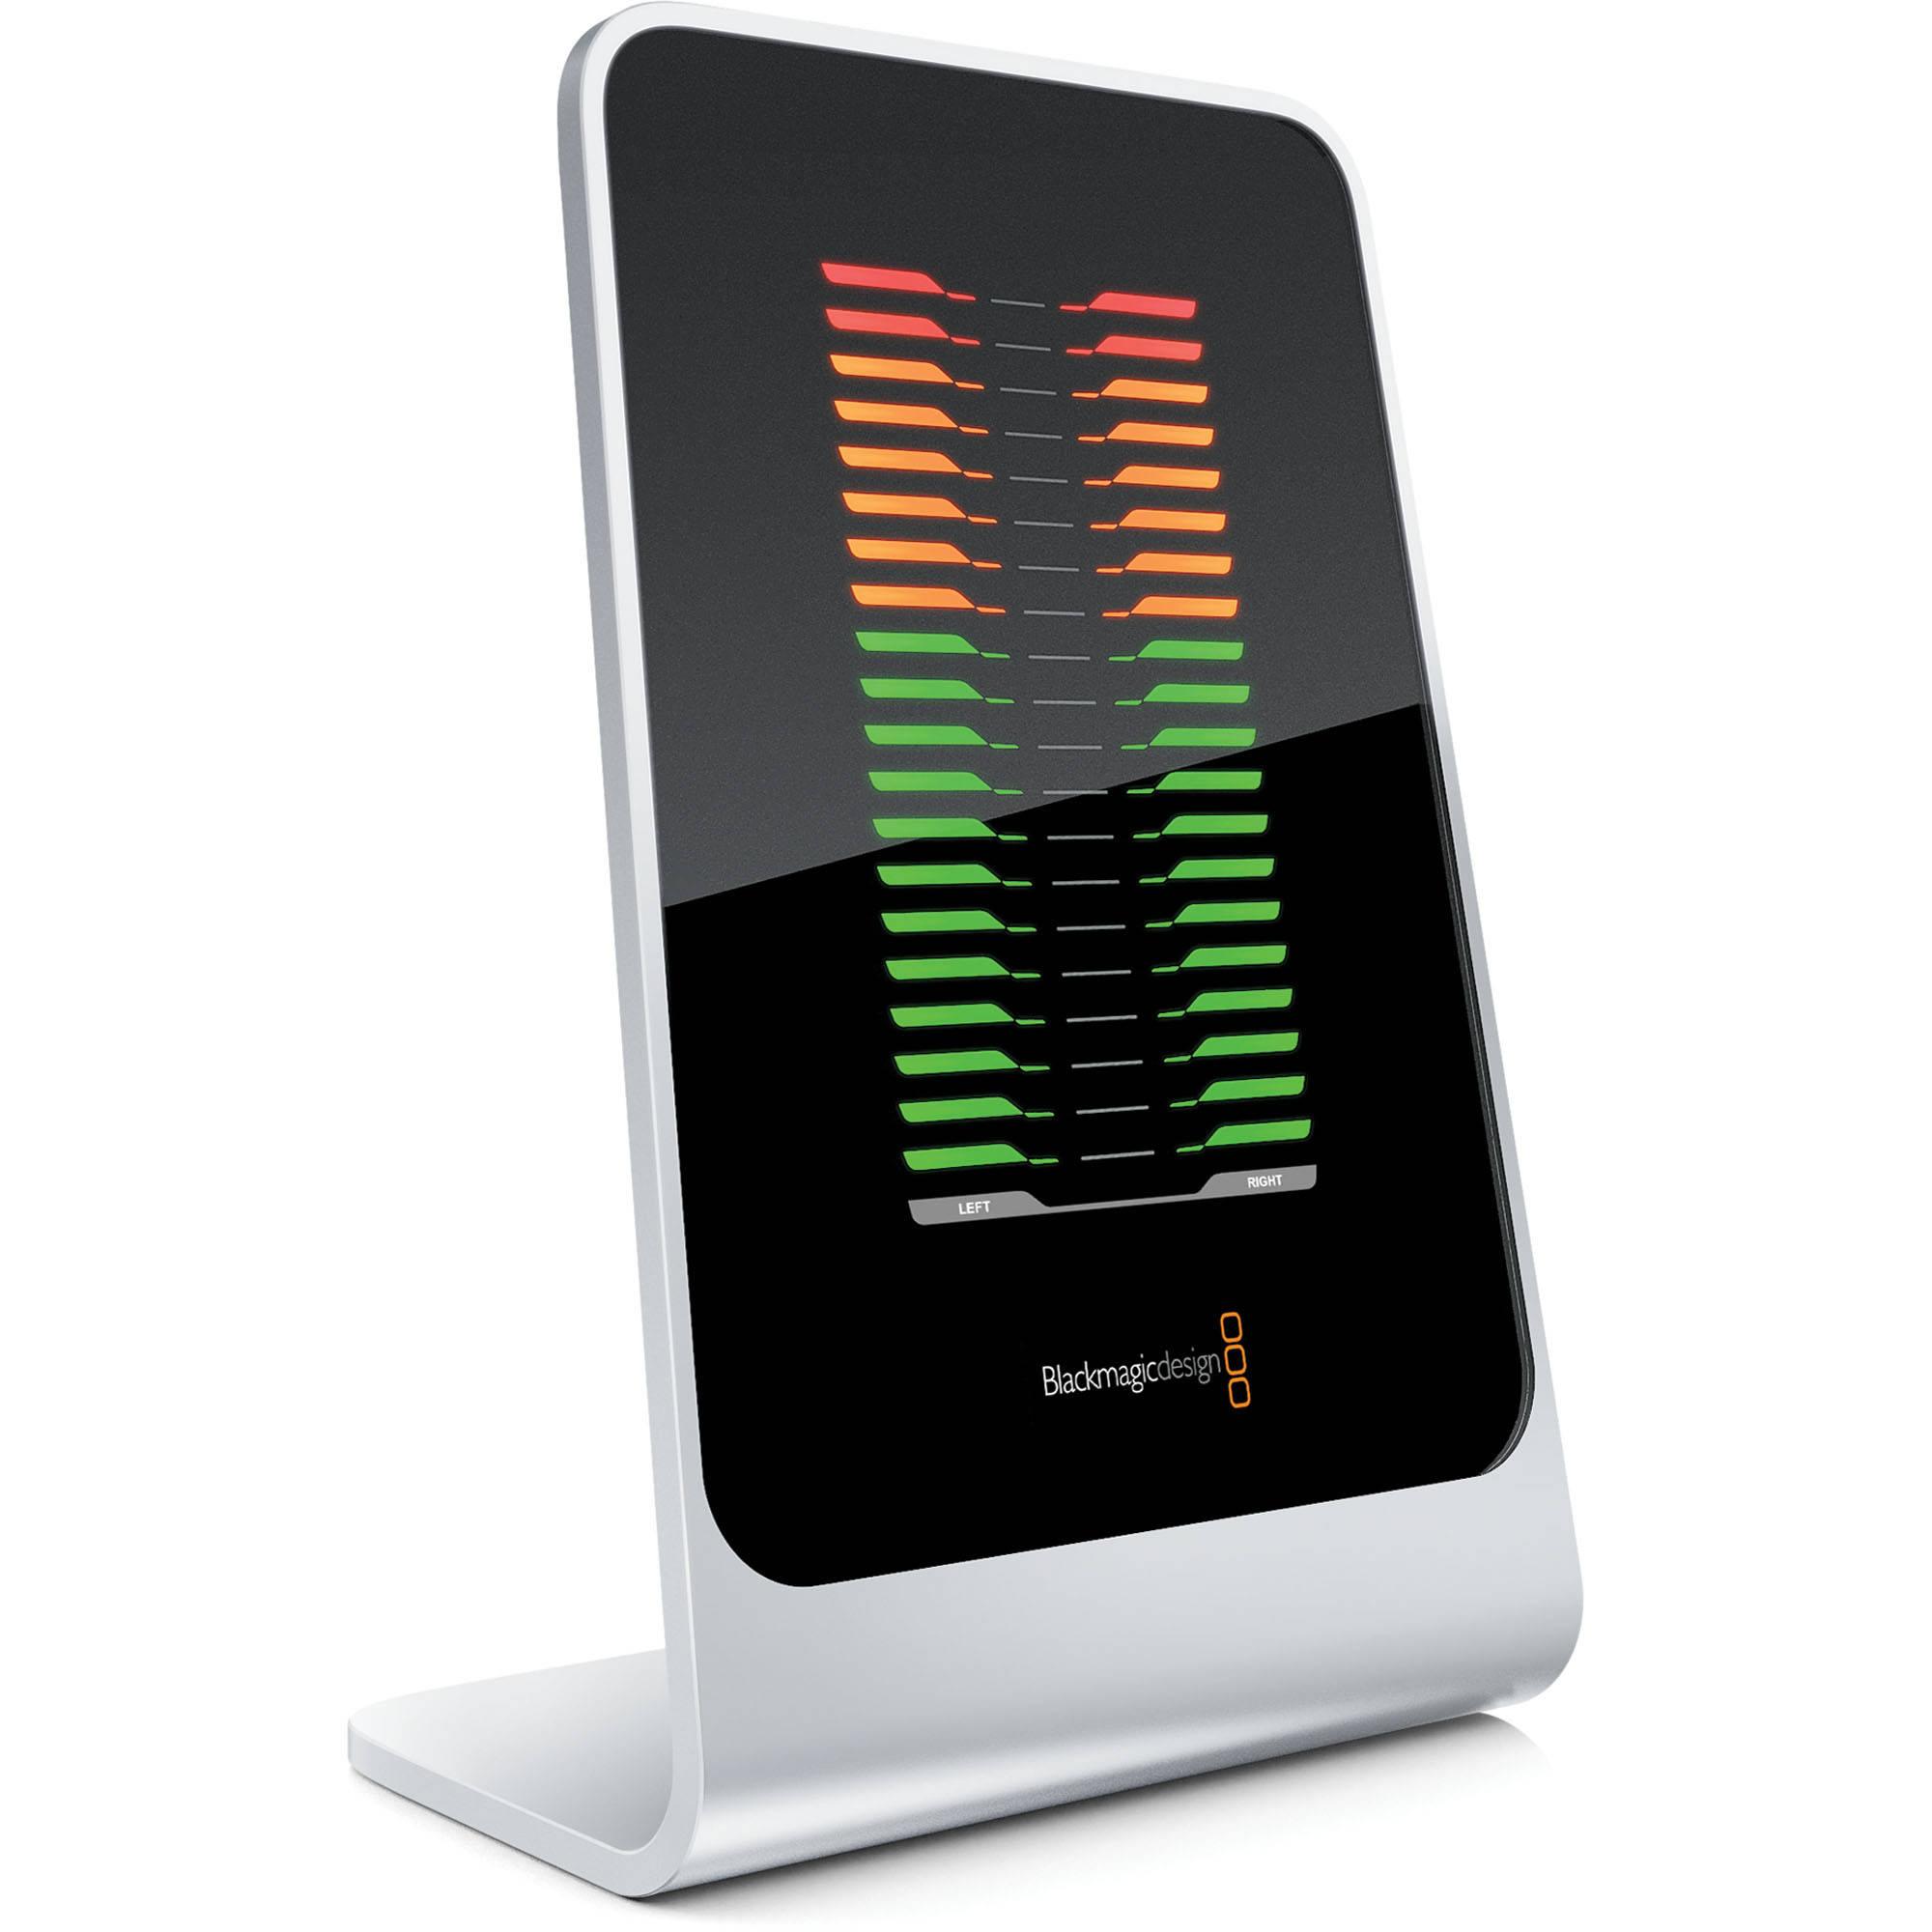 Blackmagic Design UltraStudio Pro